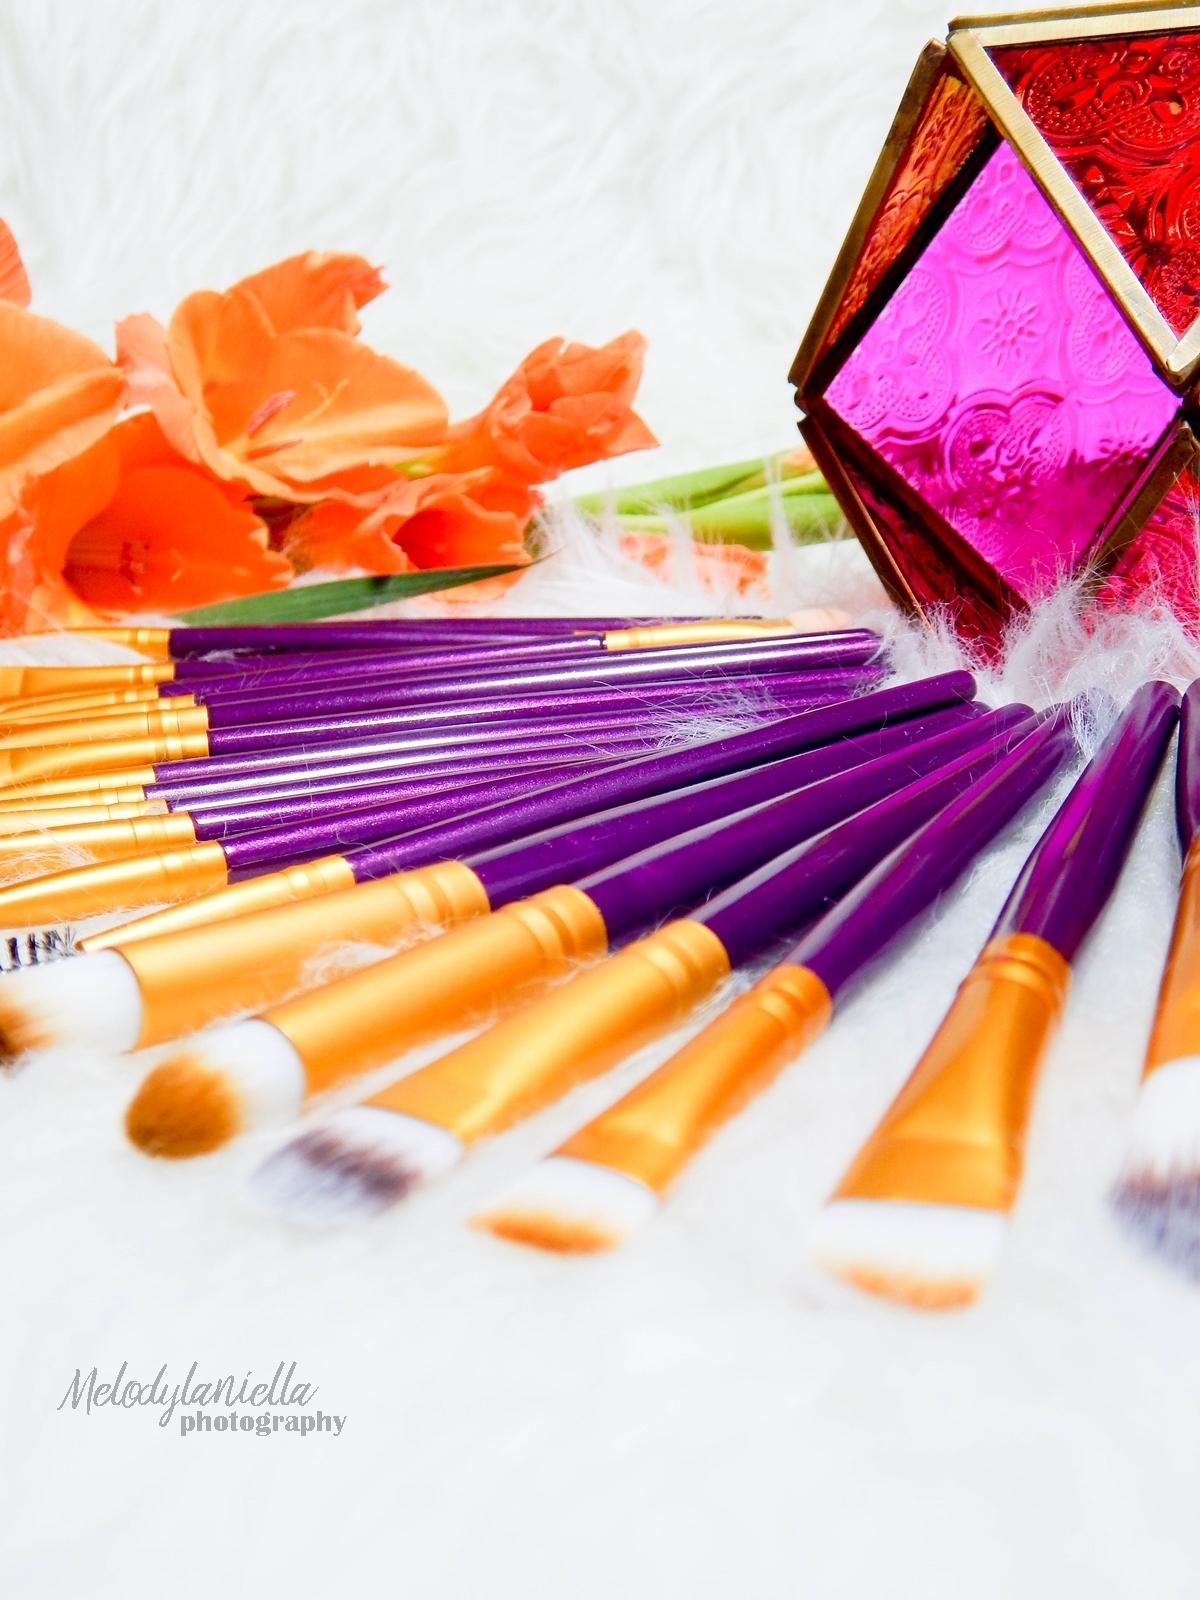 004chińskie pędzle brushes makeup melodylaniella uroda beauty czy warto kupować tanie pędzle